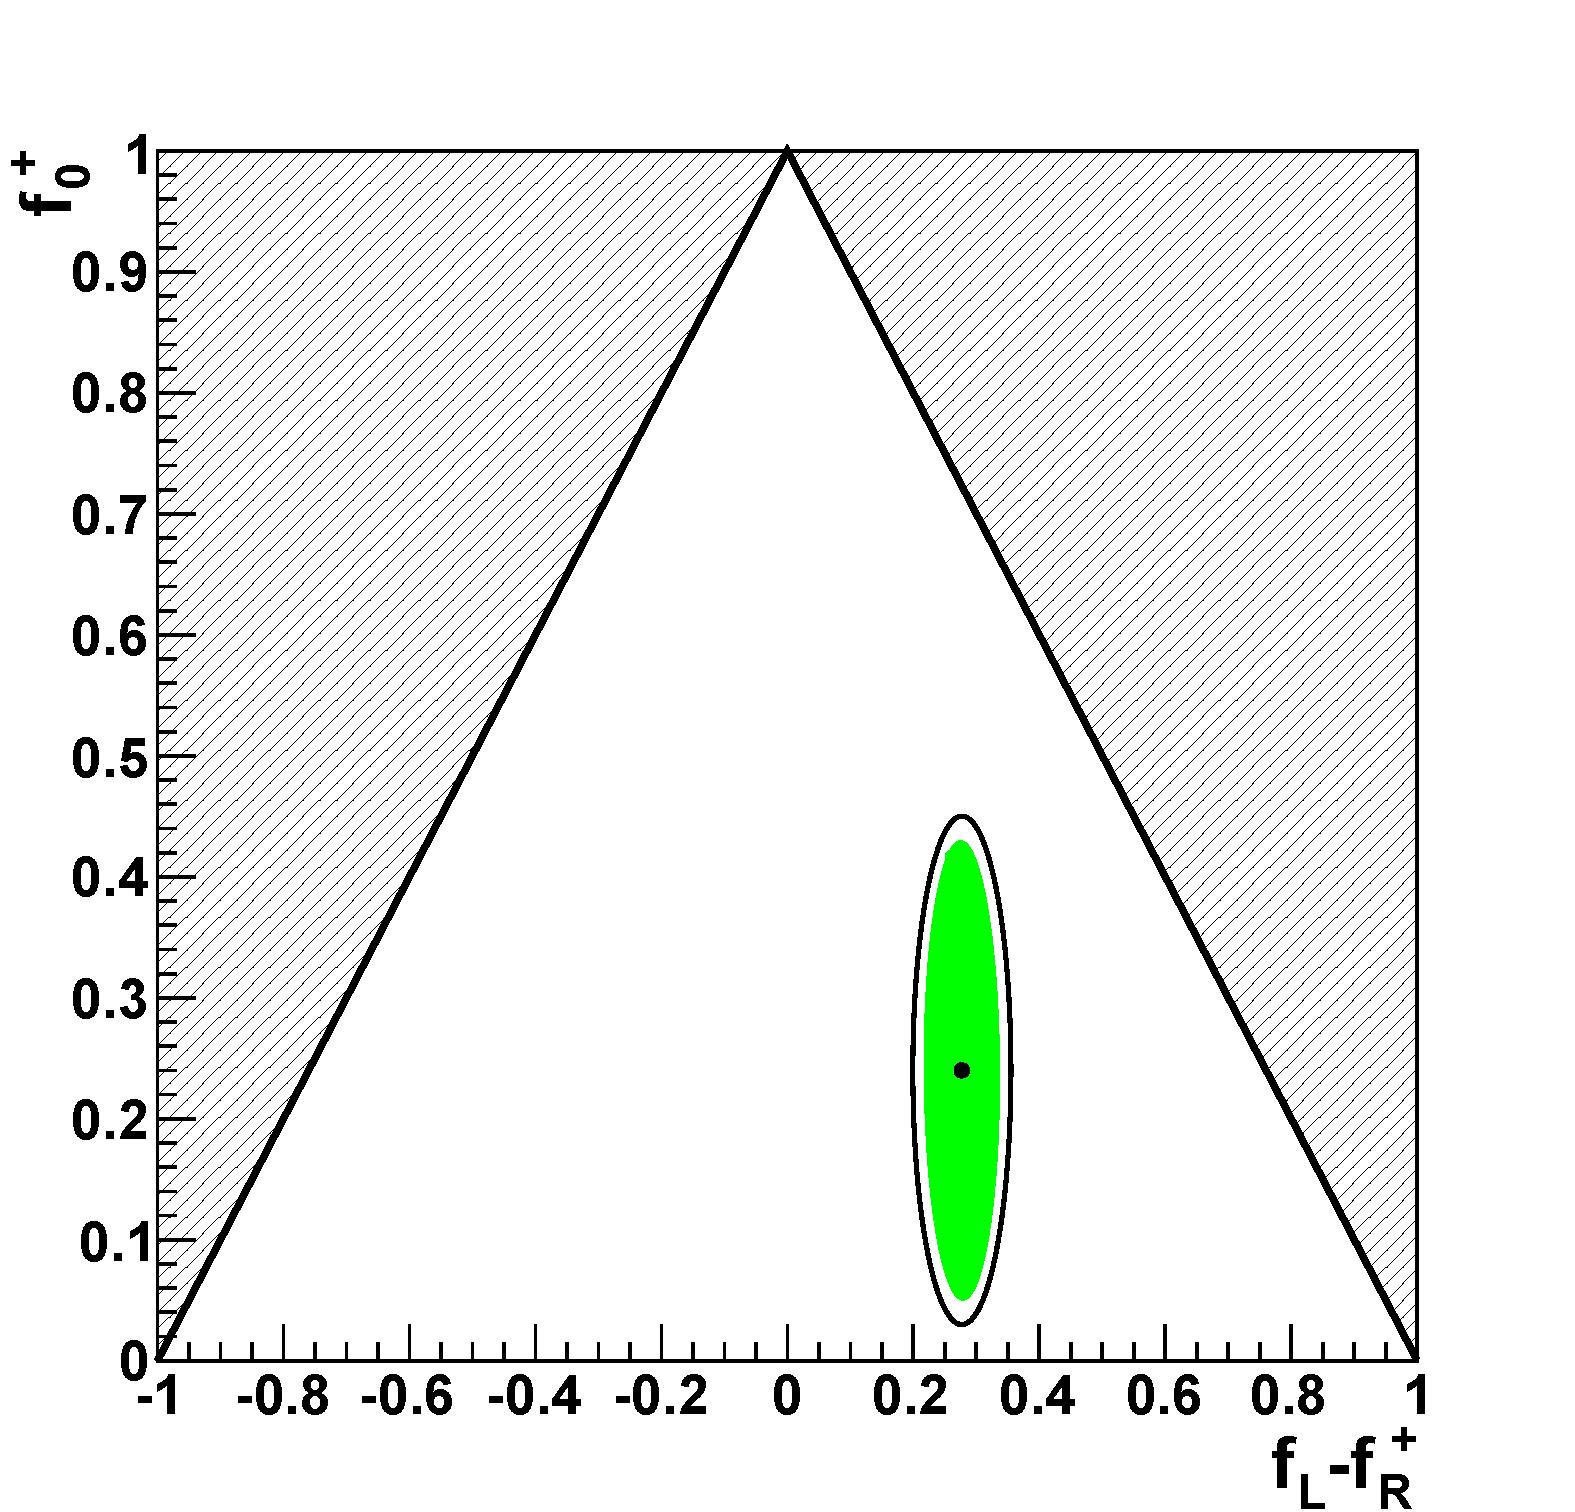 electron_contour_plus.png